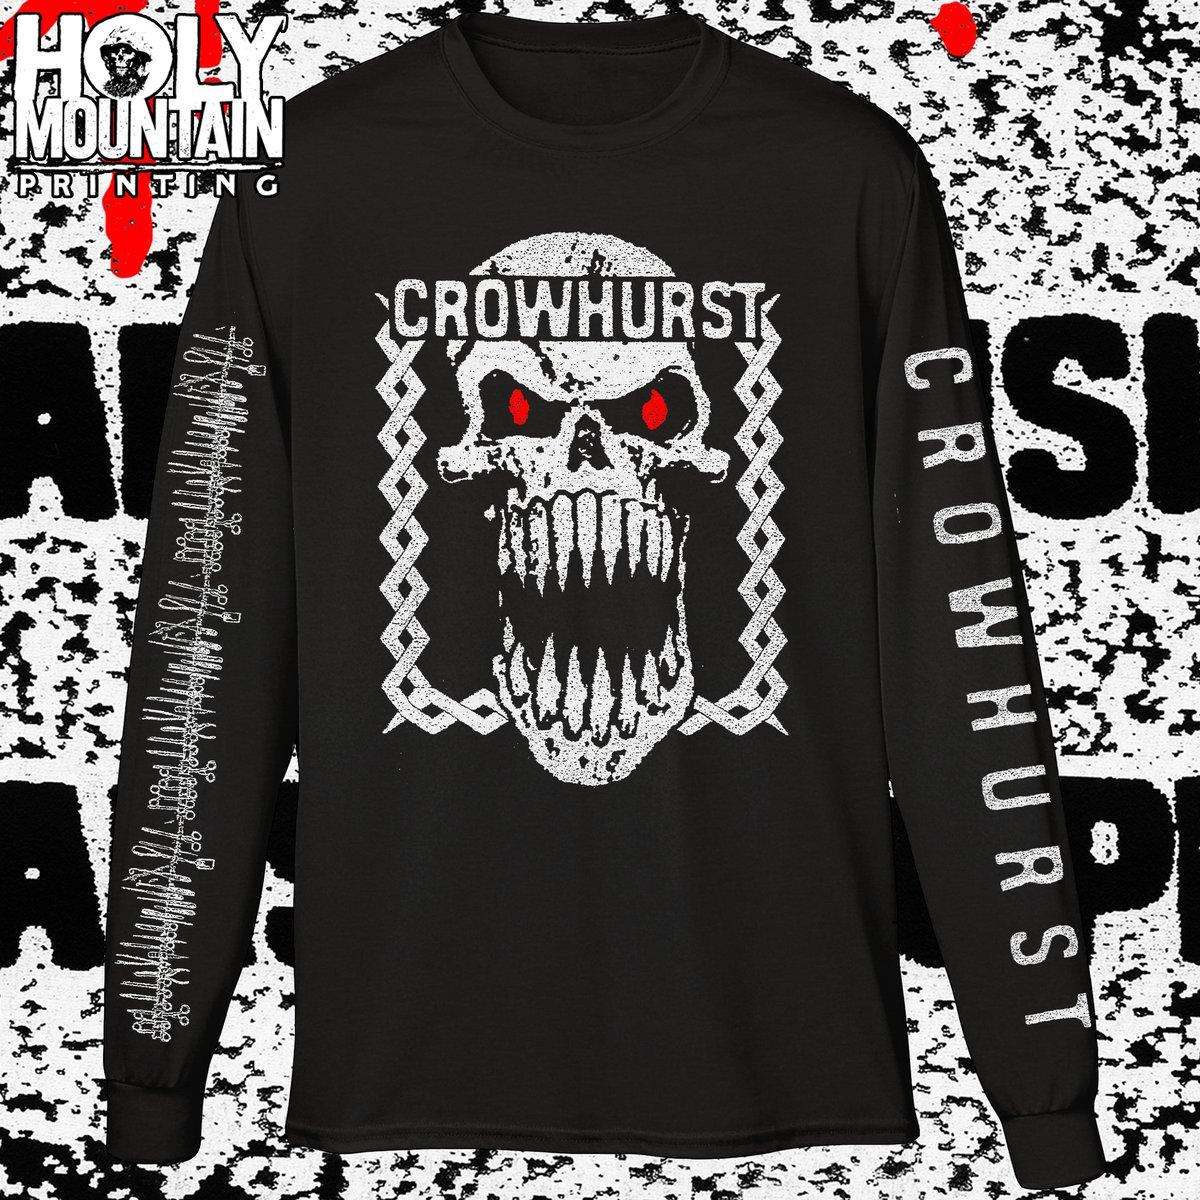 """Crowhurst """"Harsh Music For Harsh People"""" LS Shirt"""